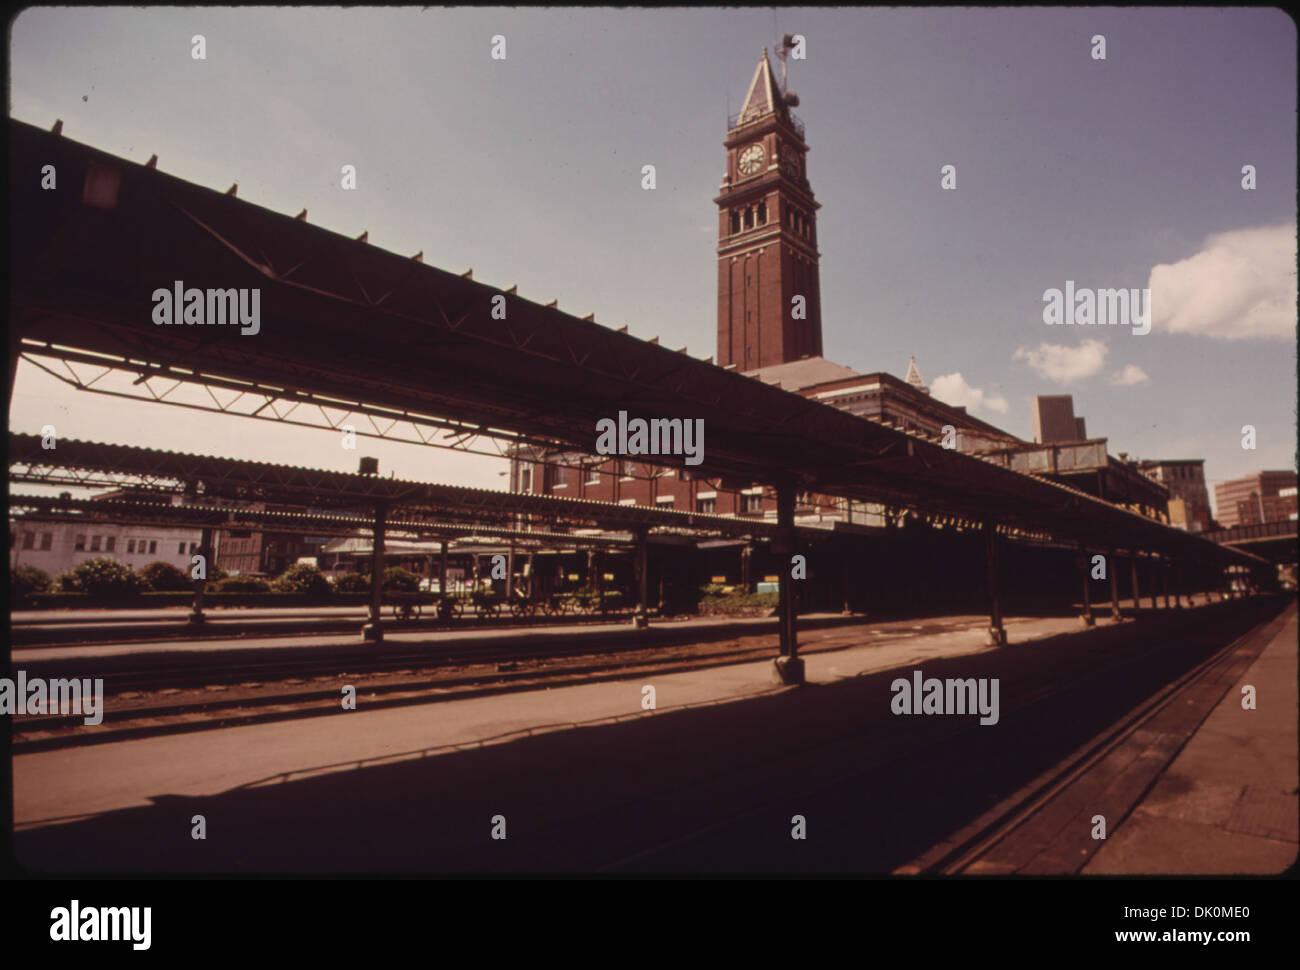 La estación de tren de pasajeros a King Street en Seattle, Washington, ha sido designado un Hito Histórico. AMTRAK ES... 556125 Imagen De Stock